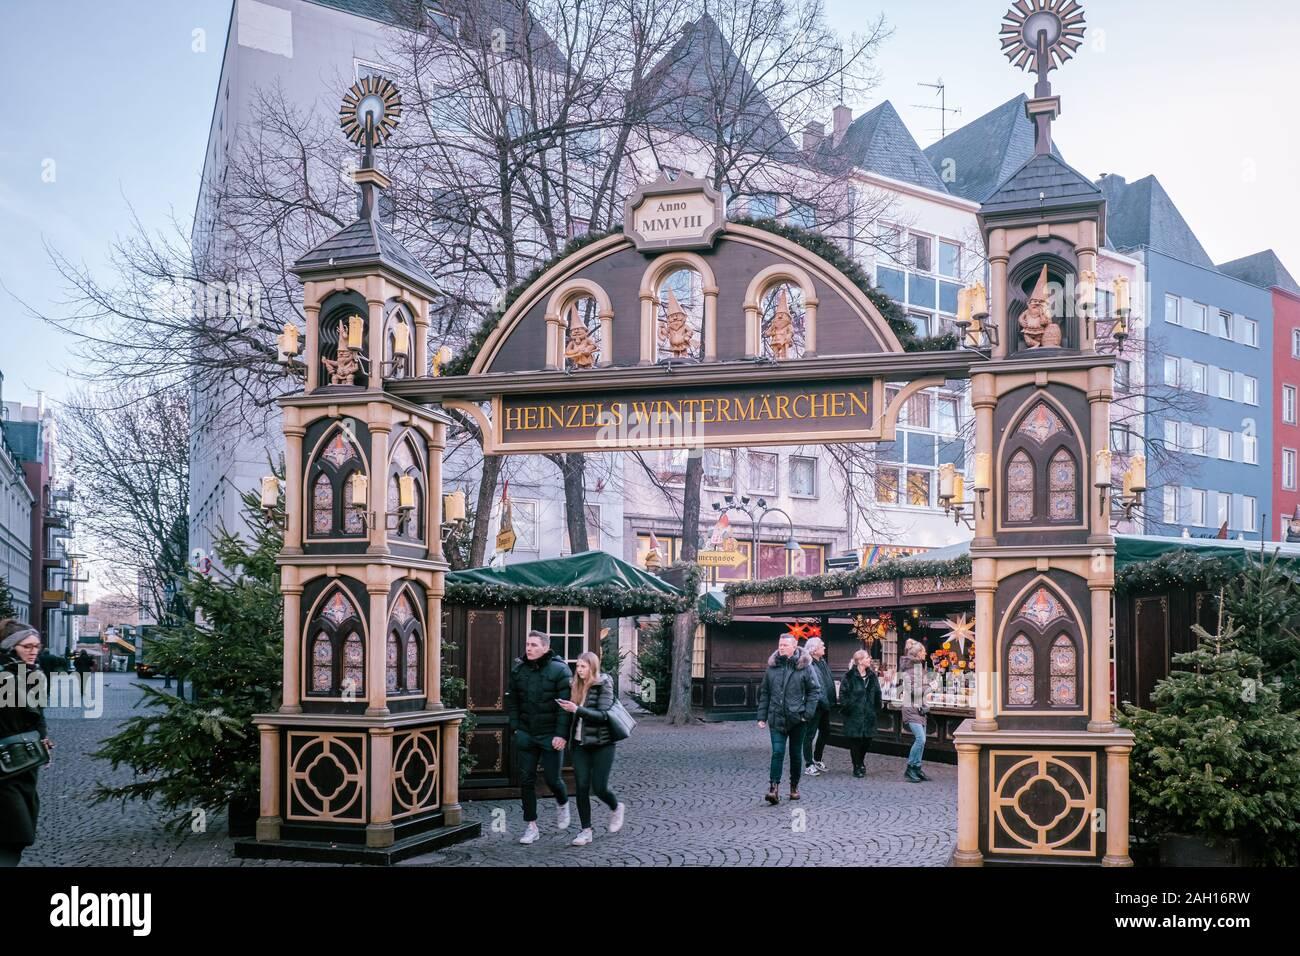 Köln Deutschland Dezember 2019, die Menschen auf dem Weihnachtsmarkt an der Kathedrale von Köln Stockfoto